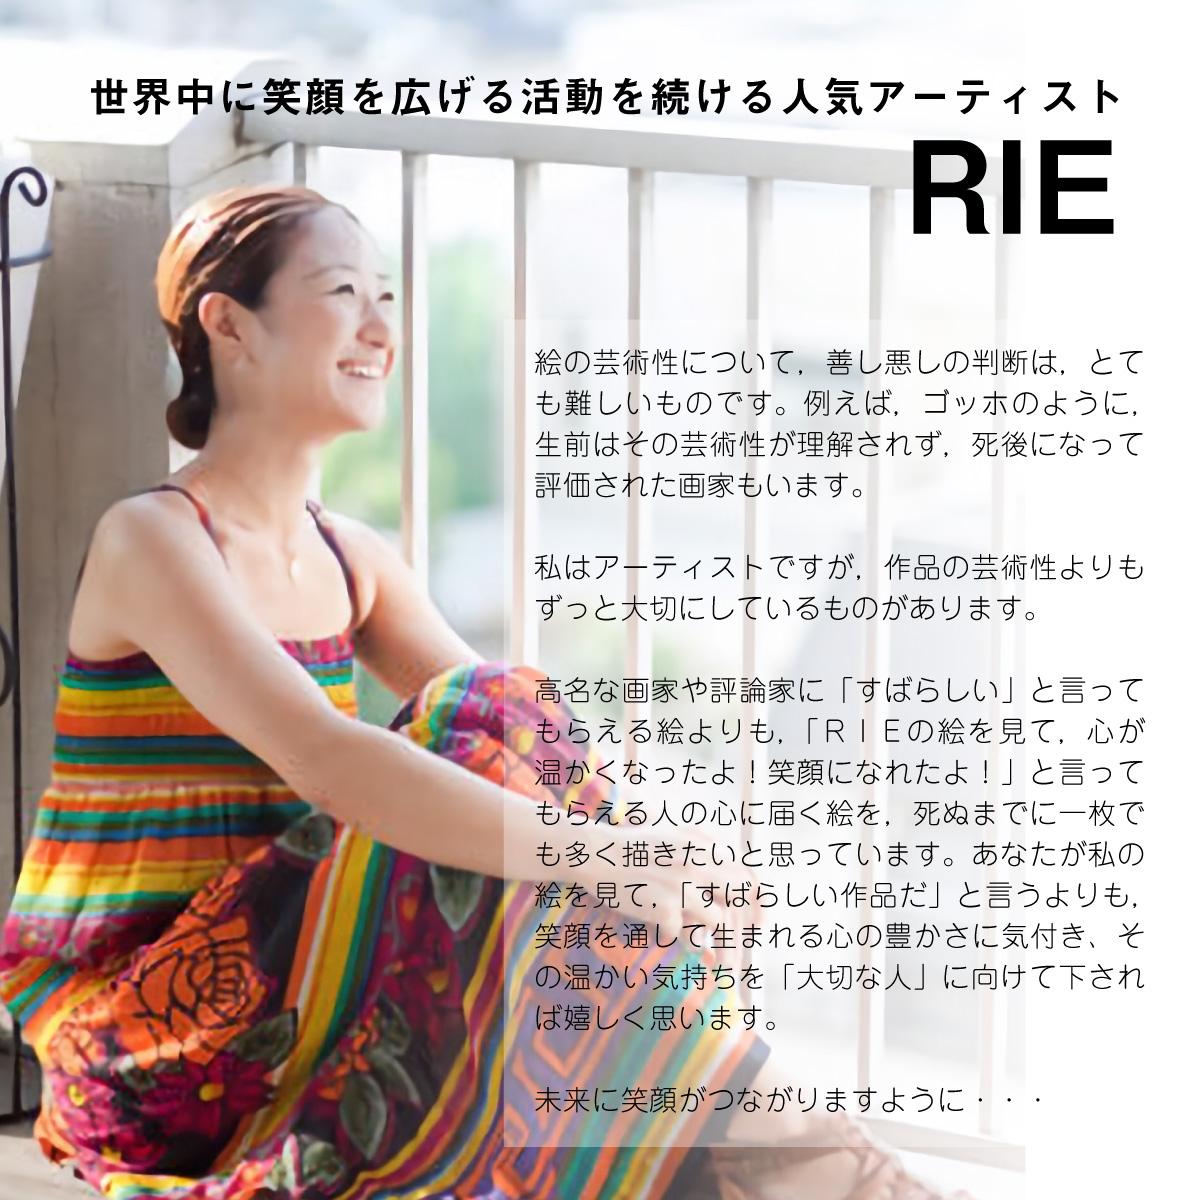 RIEの『AMABIE』A4アートフレーム判 ≫疫病退散!?妖怪アマビエの開運アート